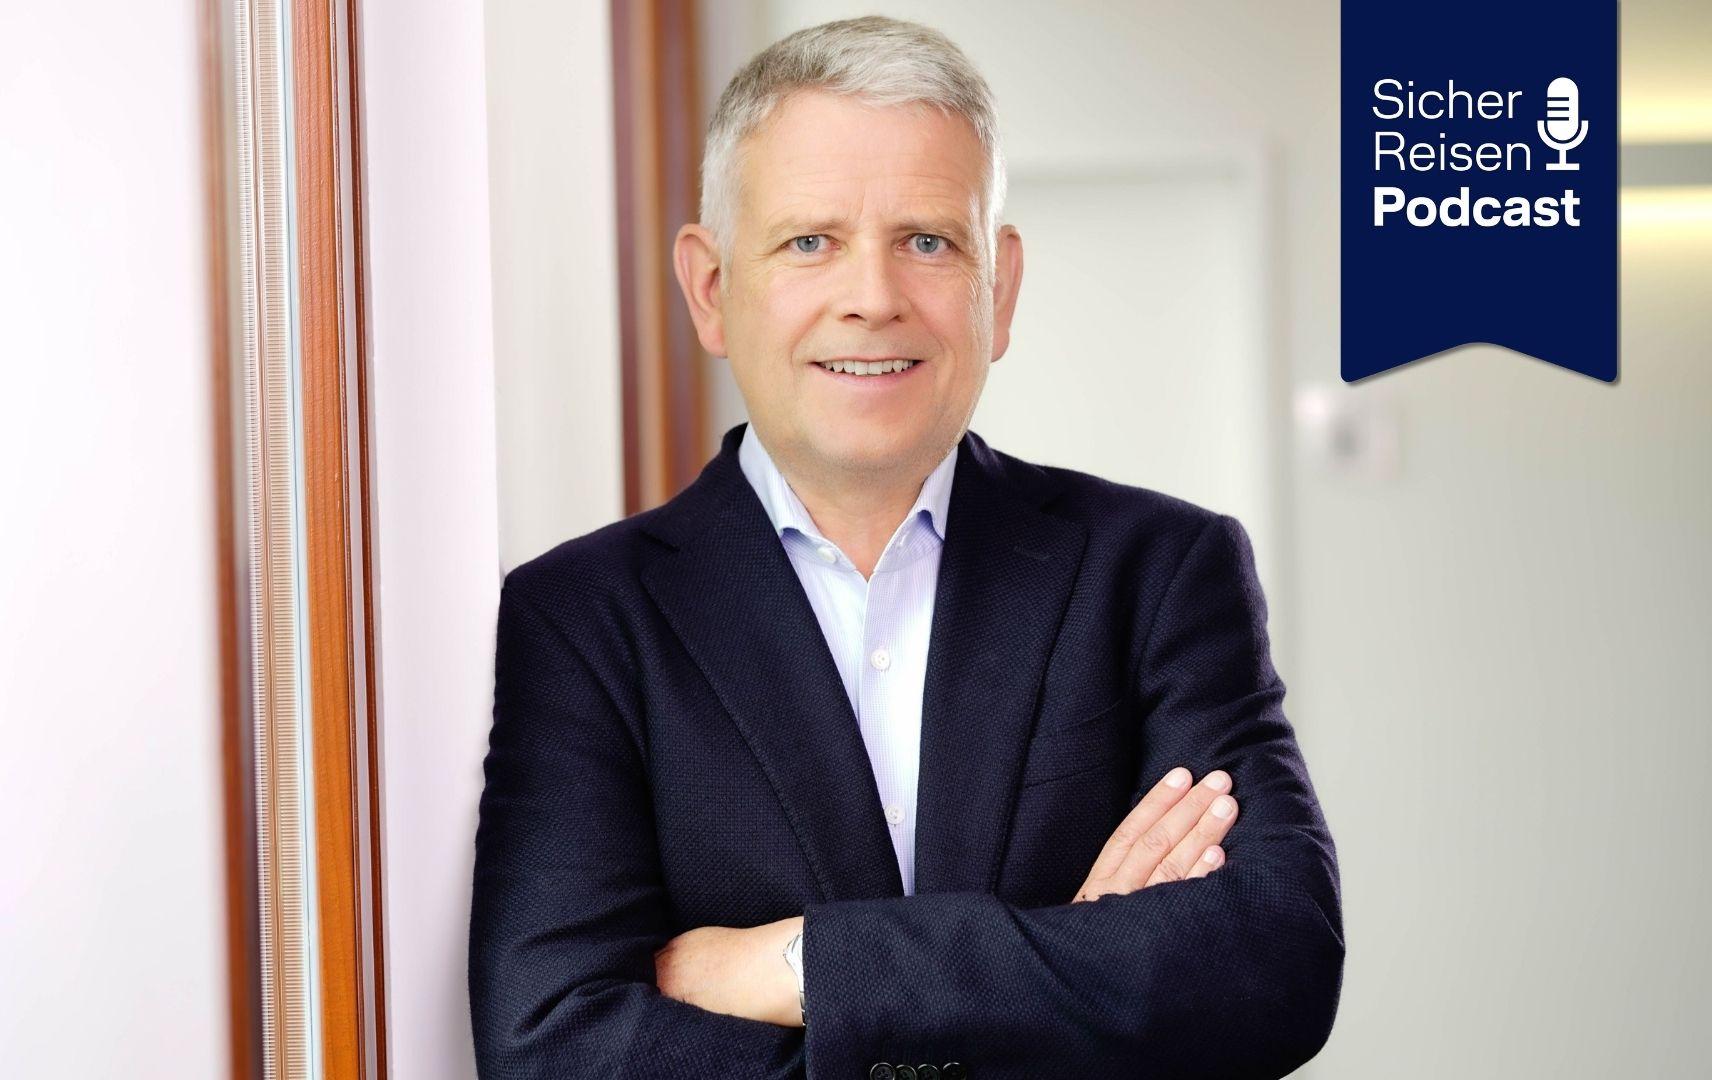 Sicher Reisen Podcast Ralph Schiller FTI